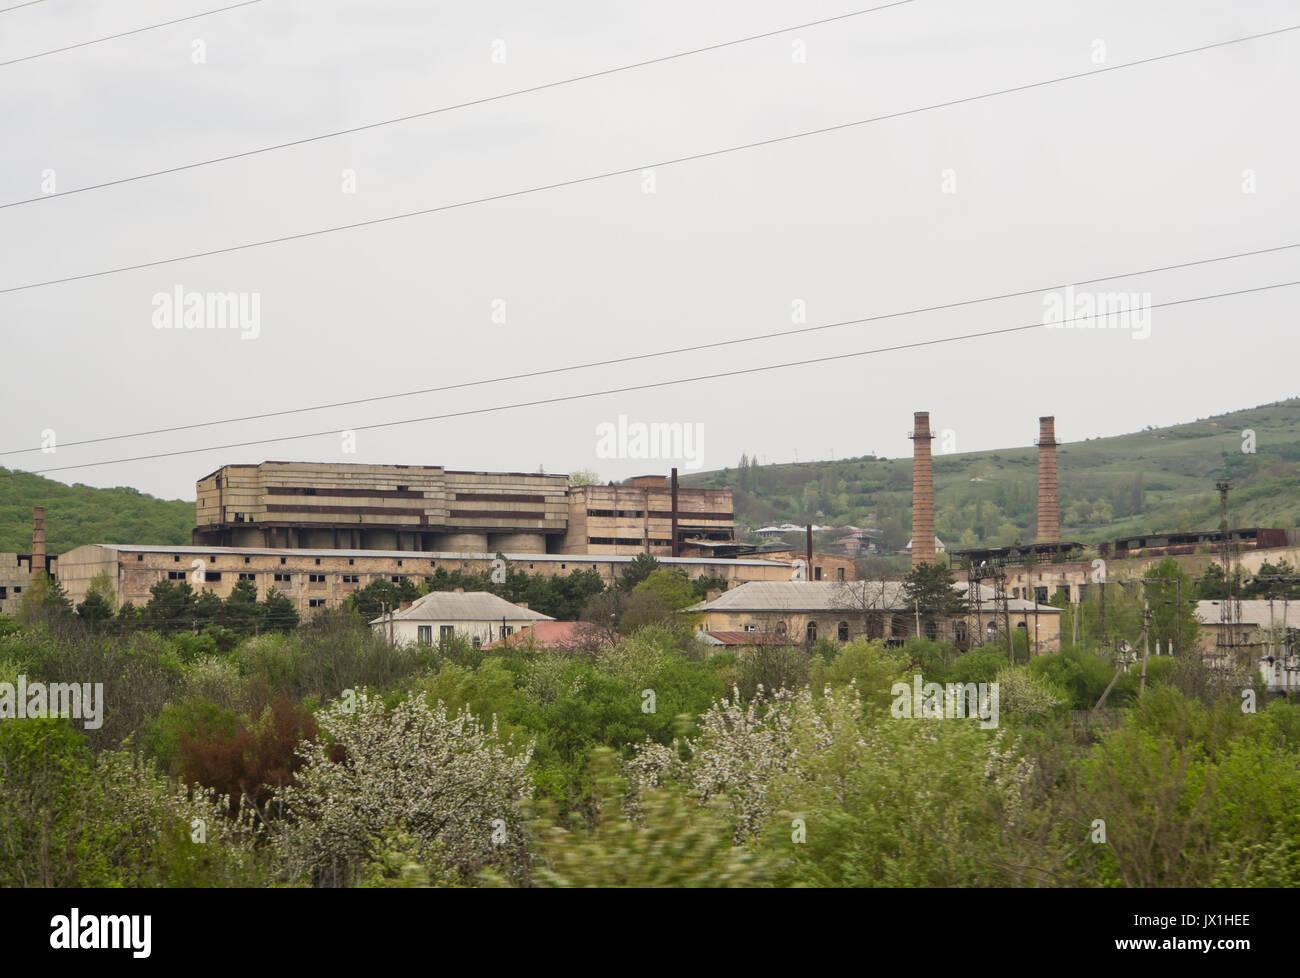 Era sovietica grandi complessi industriali in Georgia, ora la posa apparentemente abbandonato lungo la E 60 autostrada Immagini Stock